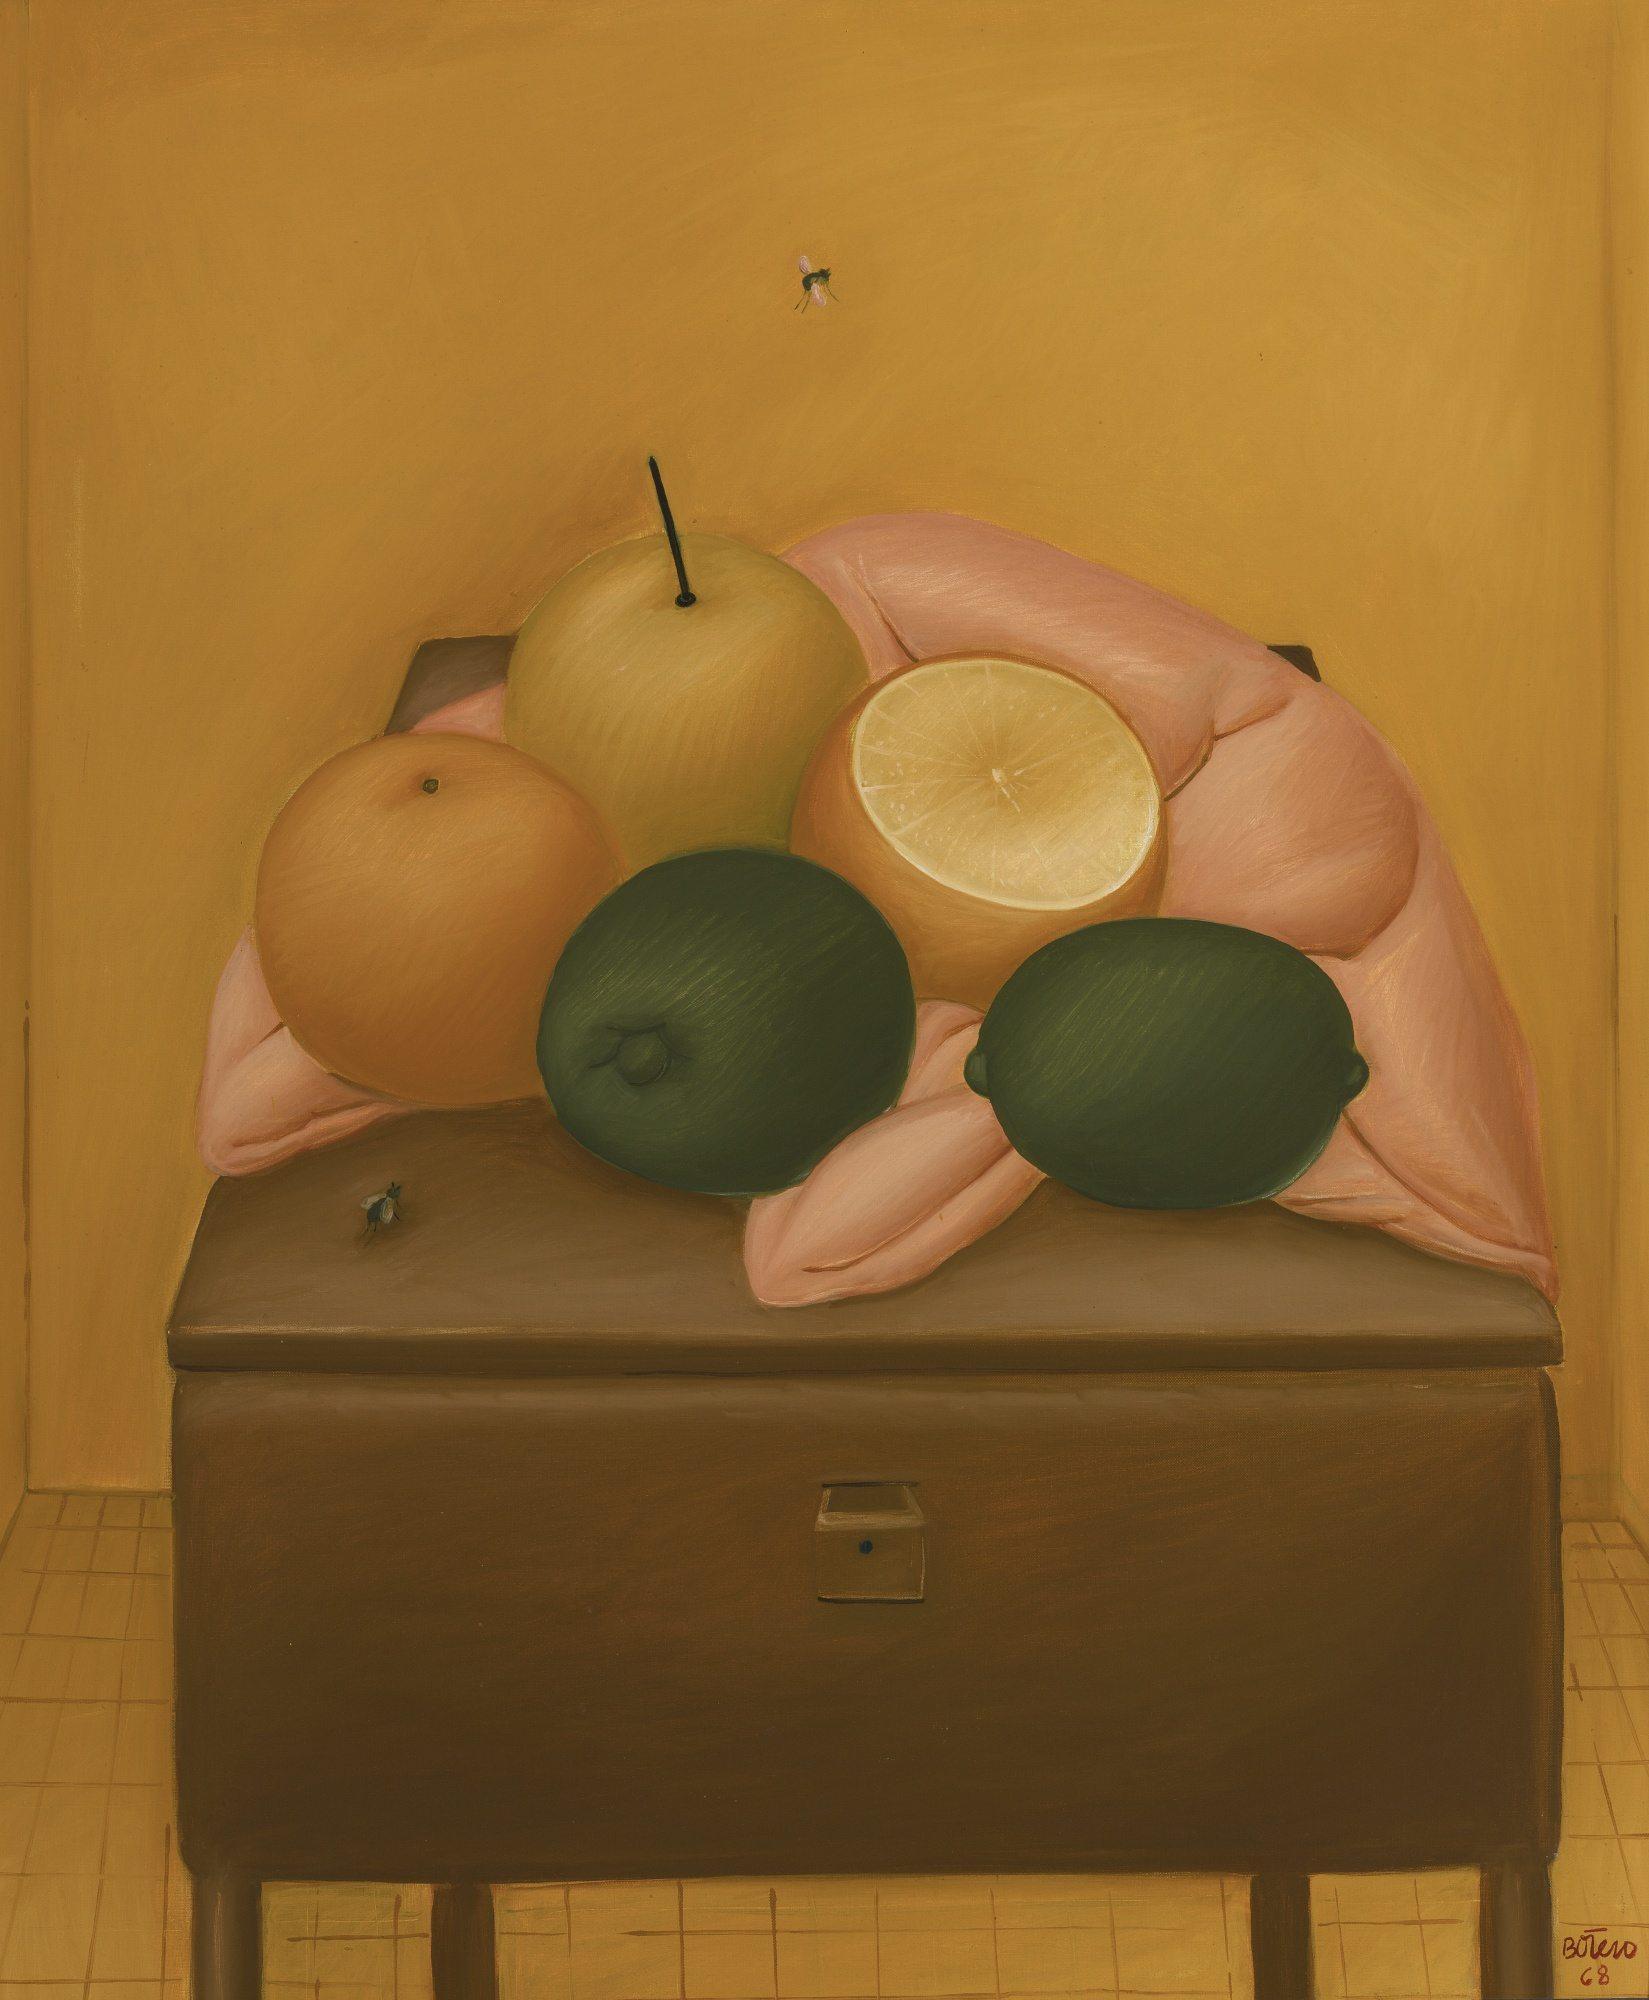 Fernando Botero, Naranjas y Limones